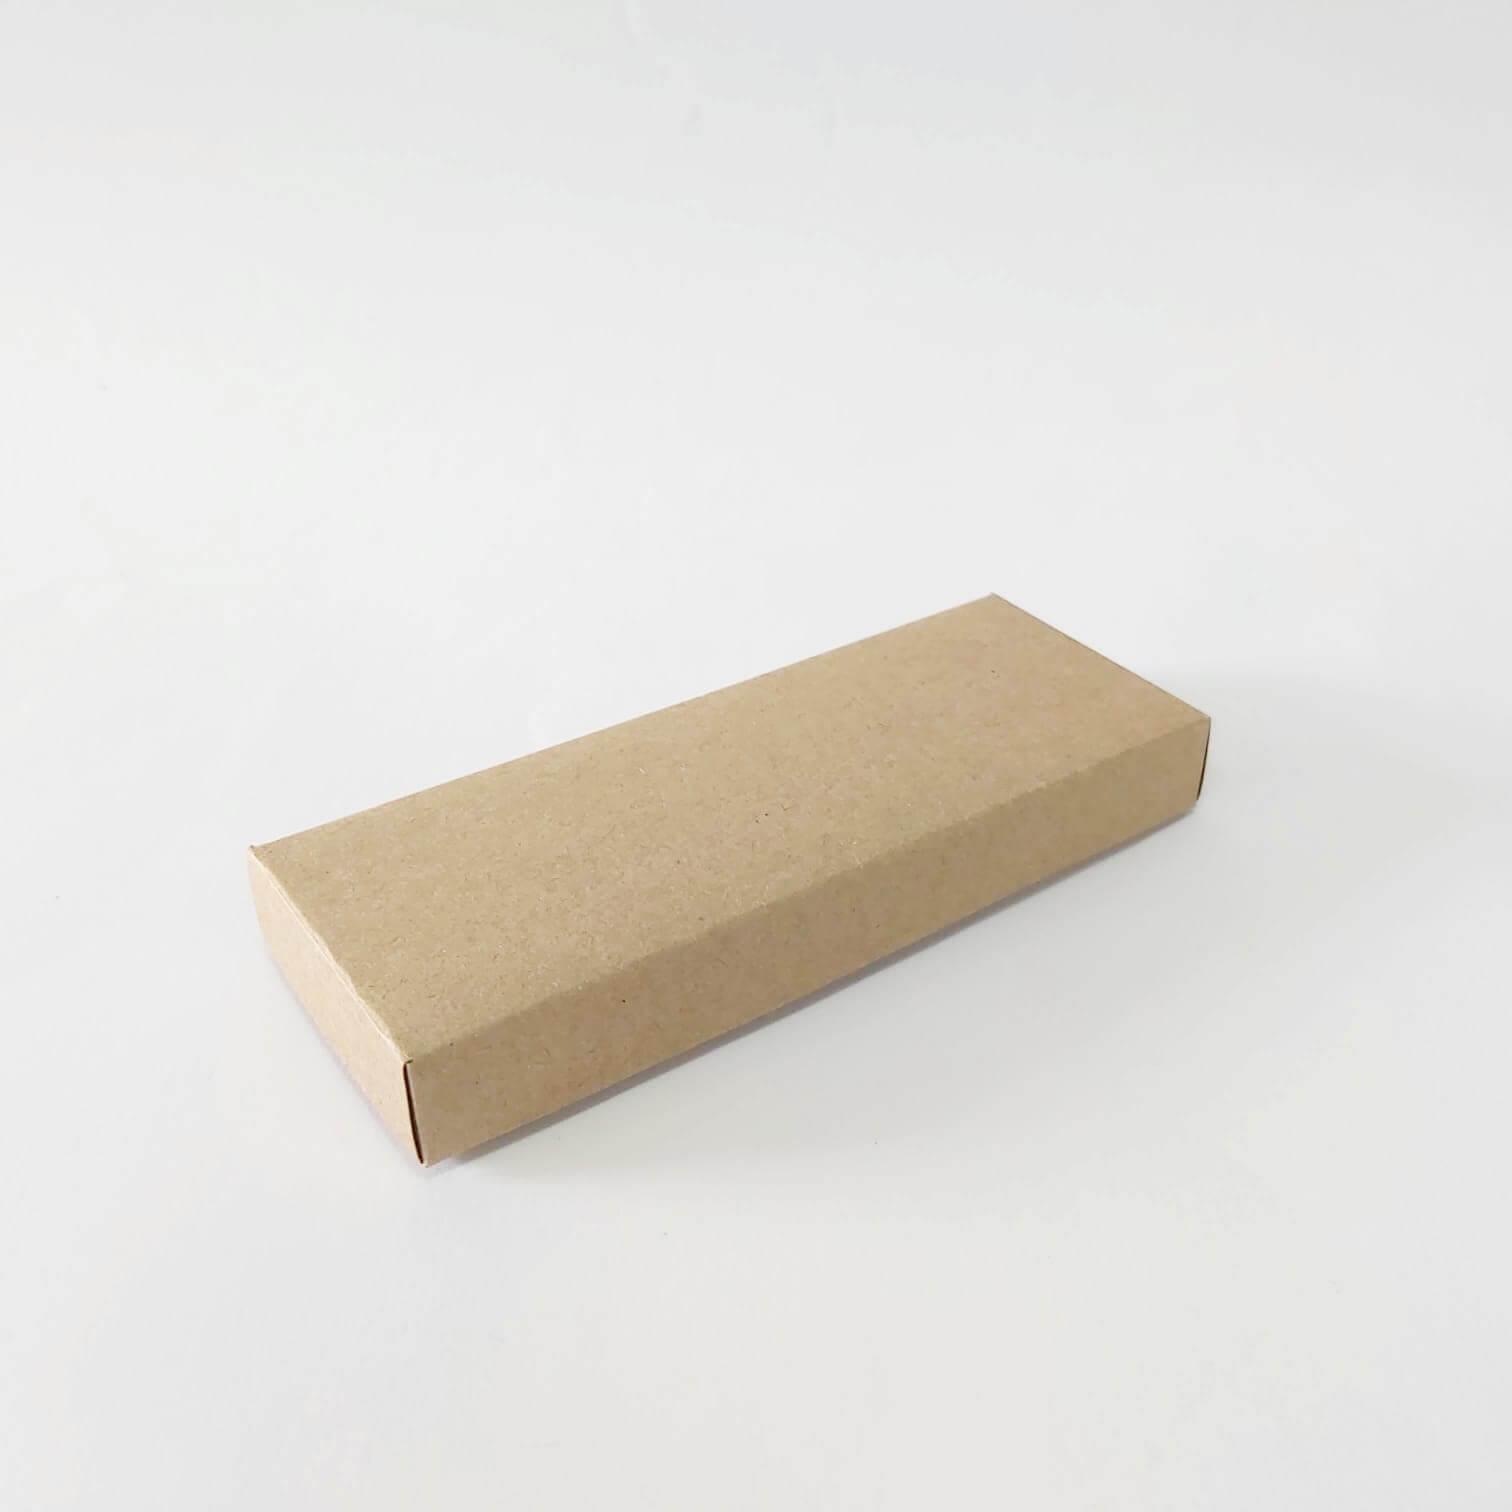 18x5x2 Hediyelik Kraft, Karton Kutular